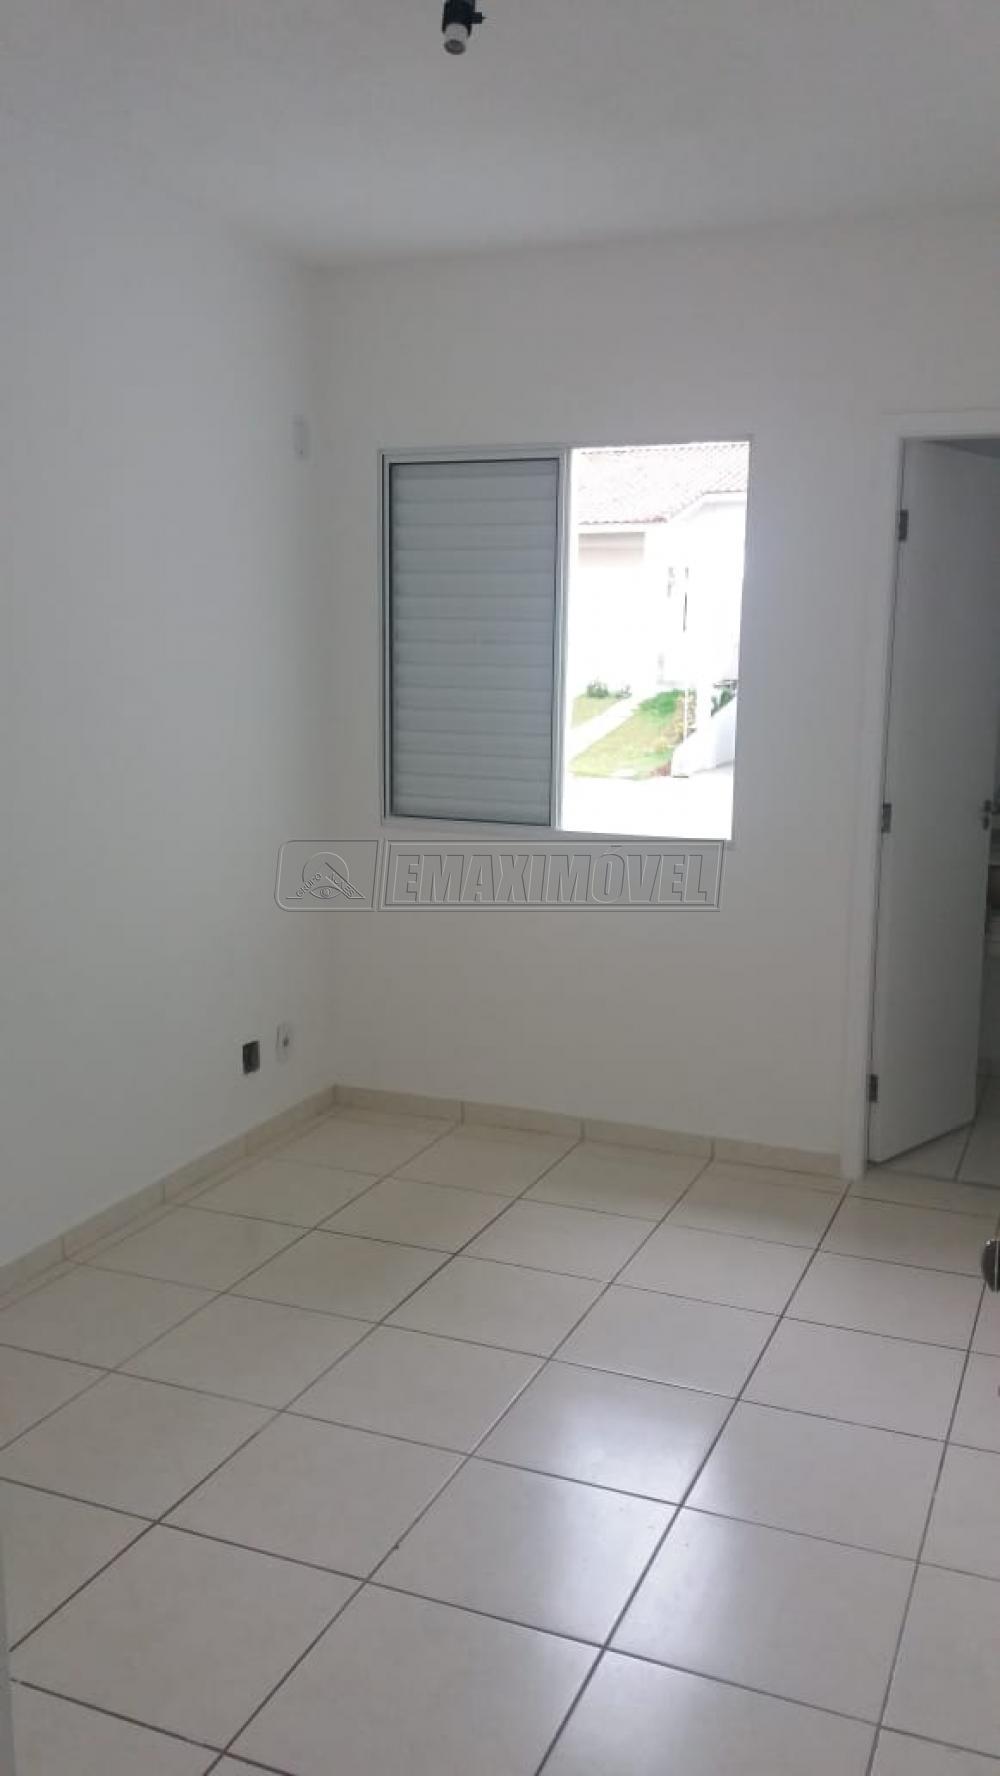 Comprar Casas / em Condomínios em Sorocaba apenas R$ 245.000,00 - Foto 15